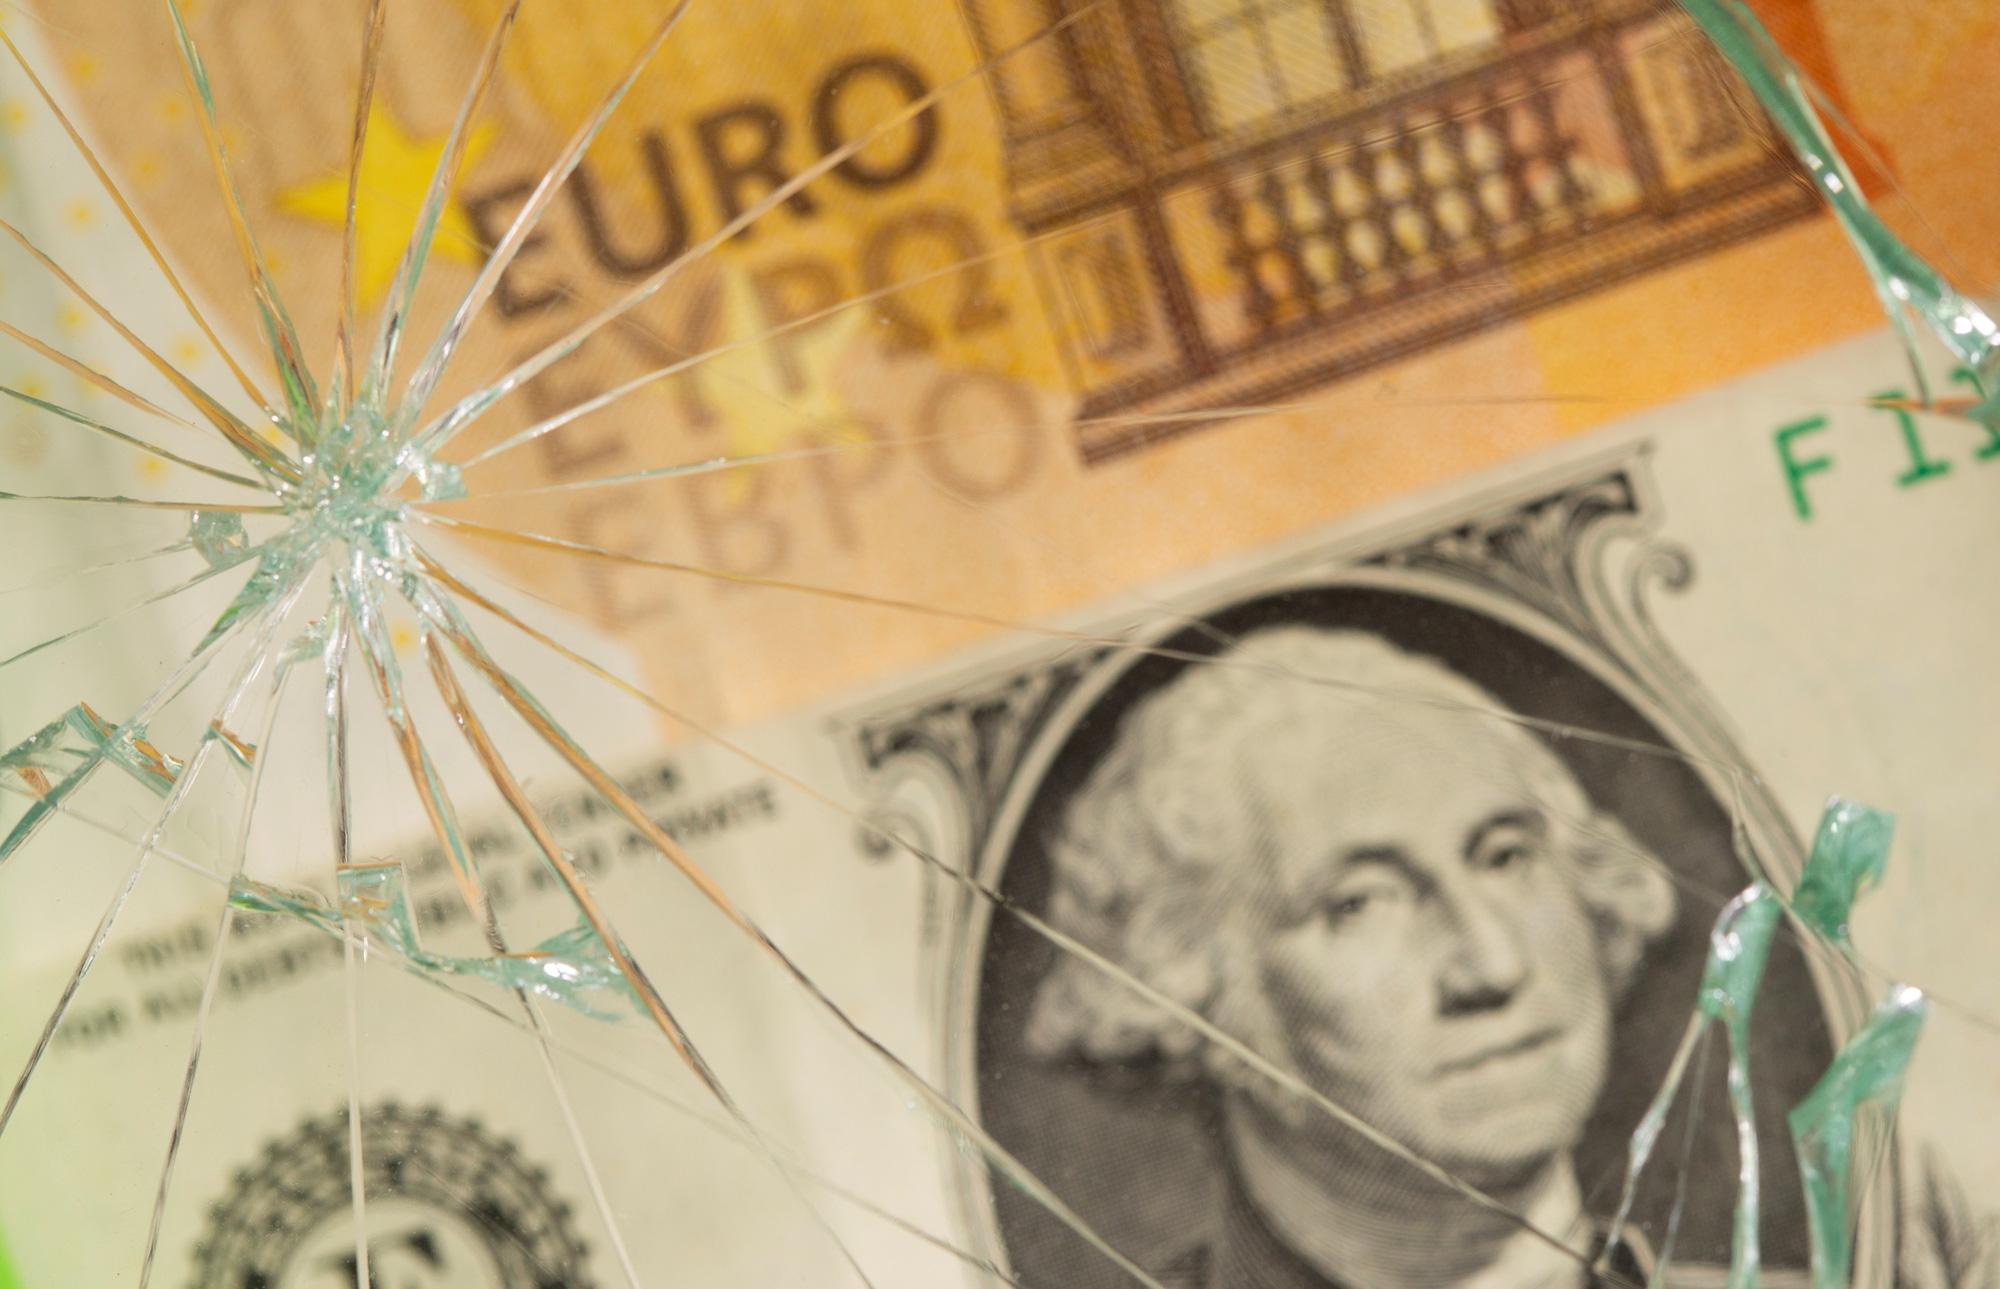 Vị thế đồng USD giảm, đồng euro tăng lên vì khủng hoảng trần nợ của Mỹ - Ảnh 1.